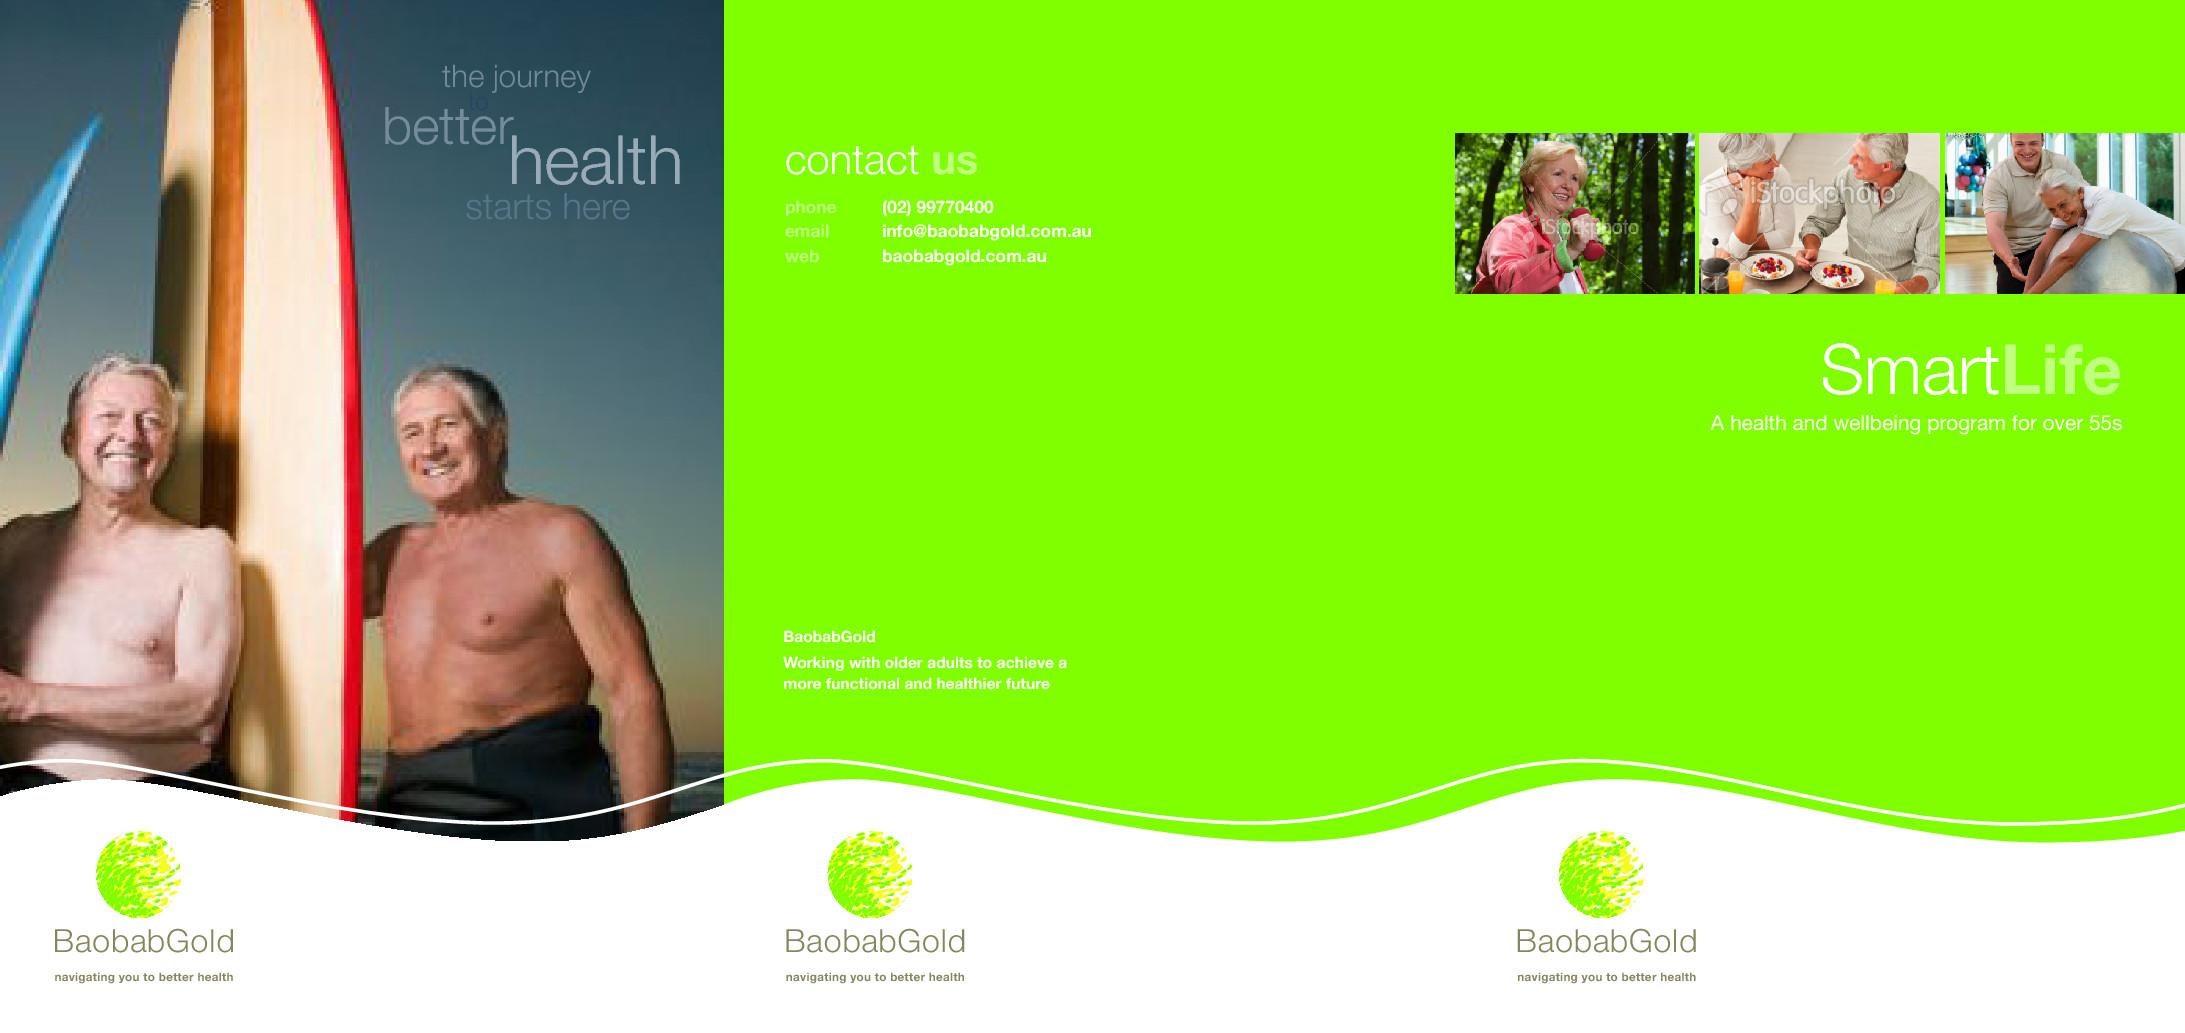 SmartLife Health Program for over 55s